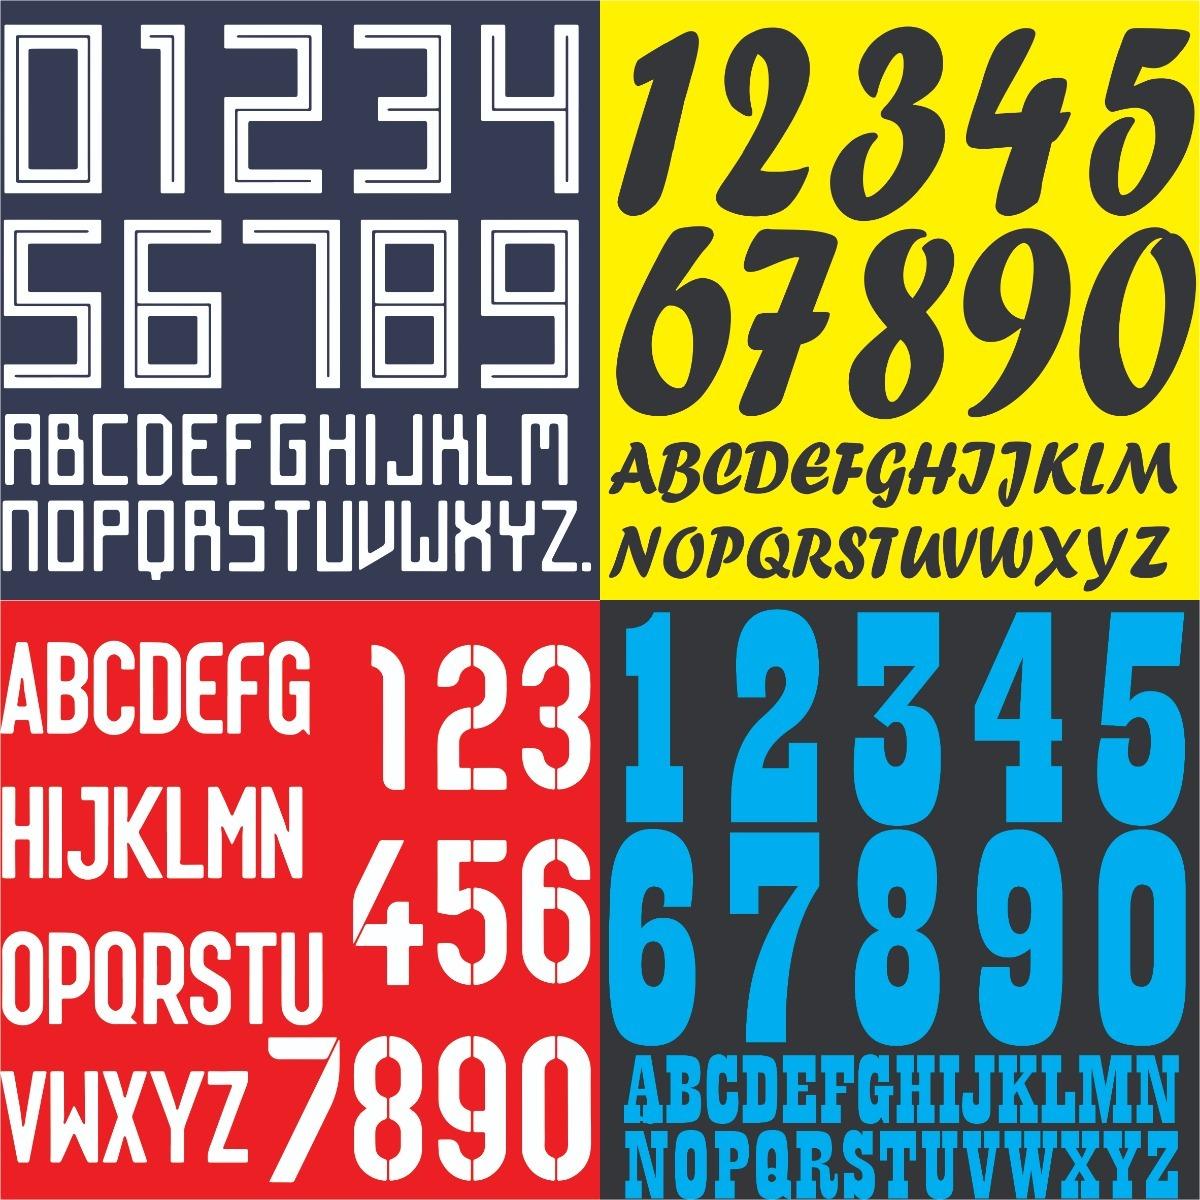 44cb106456 Estampado Vinilo Numeros Nombres Futbol Letras Camisetas -   18